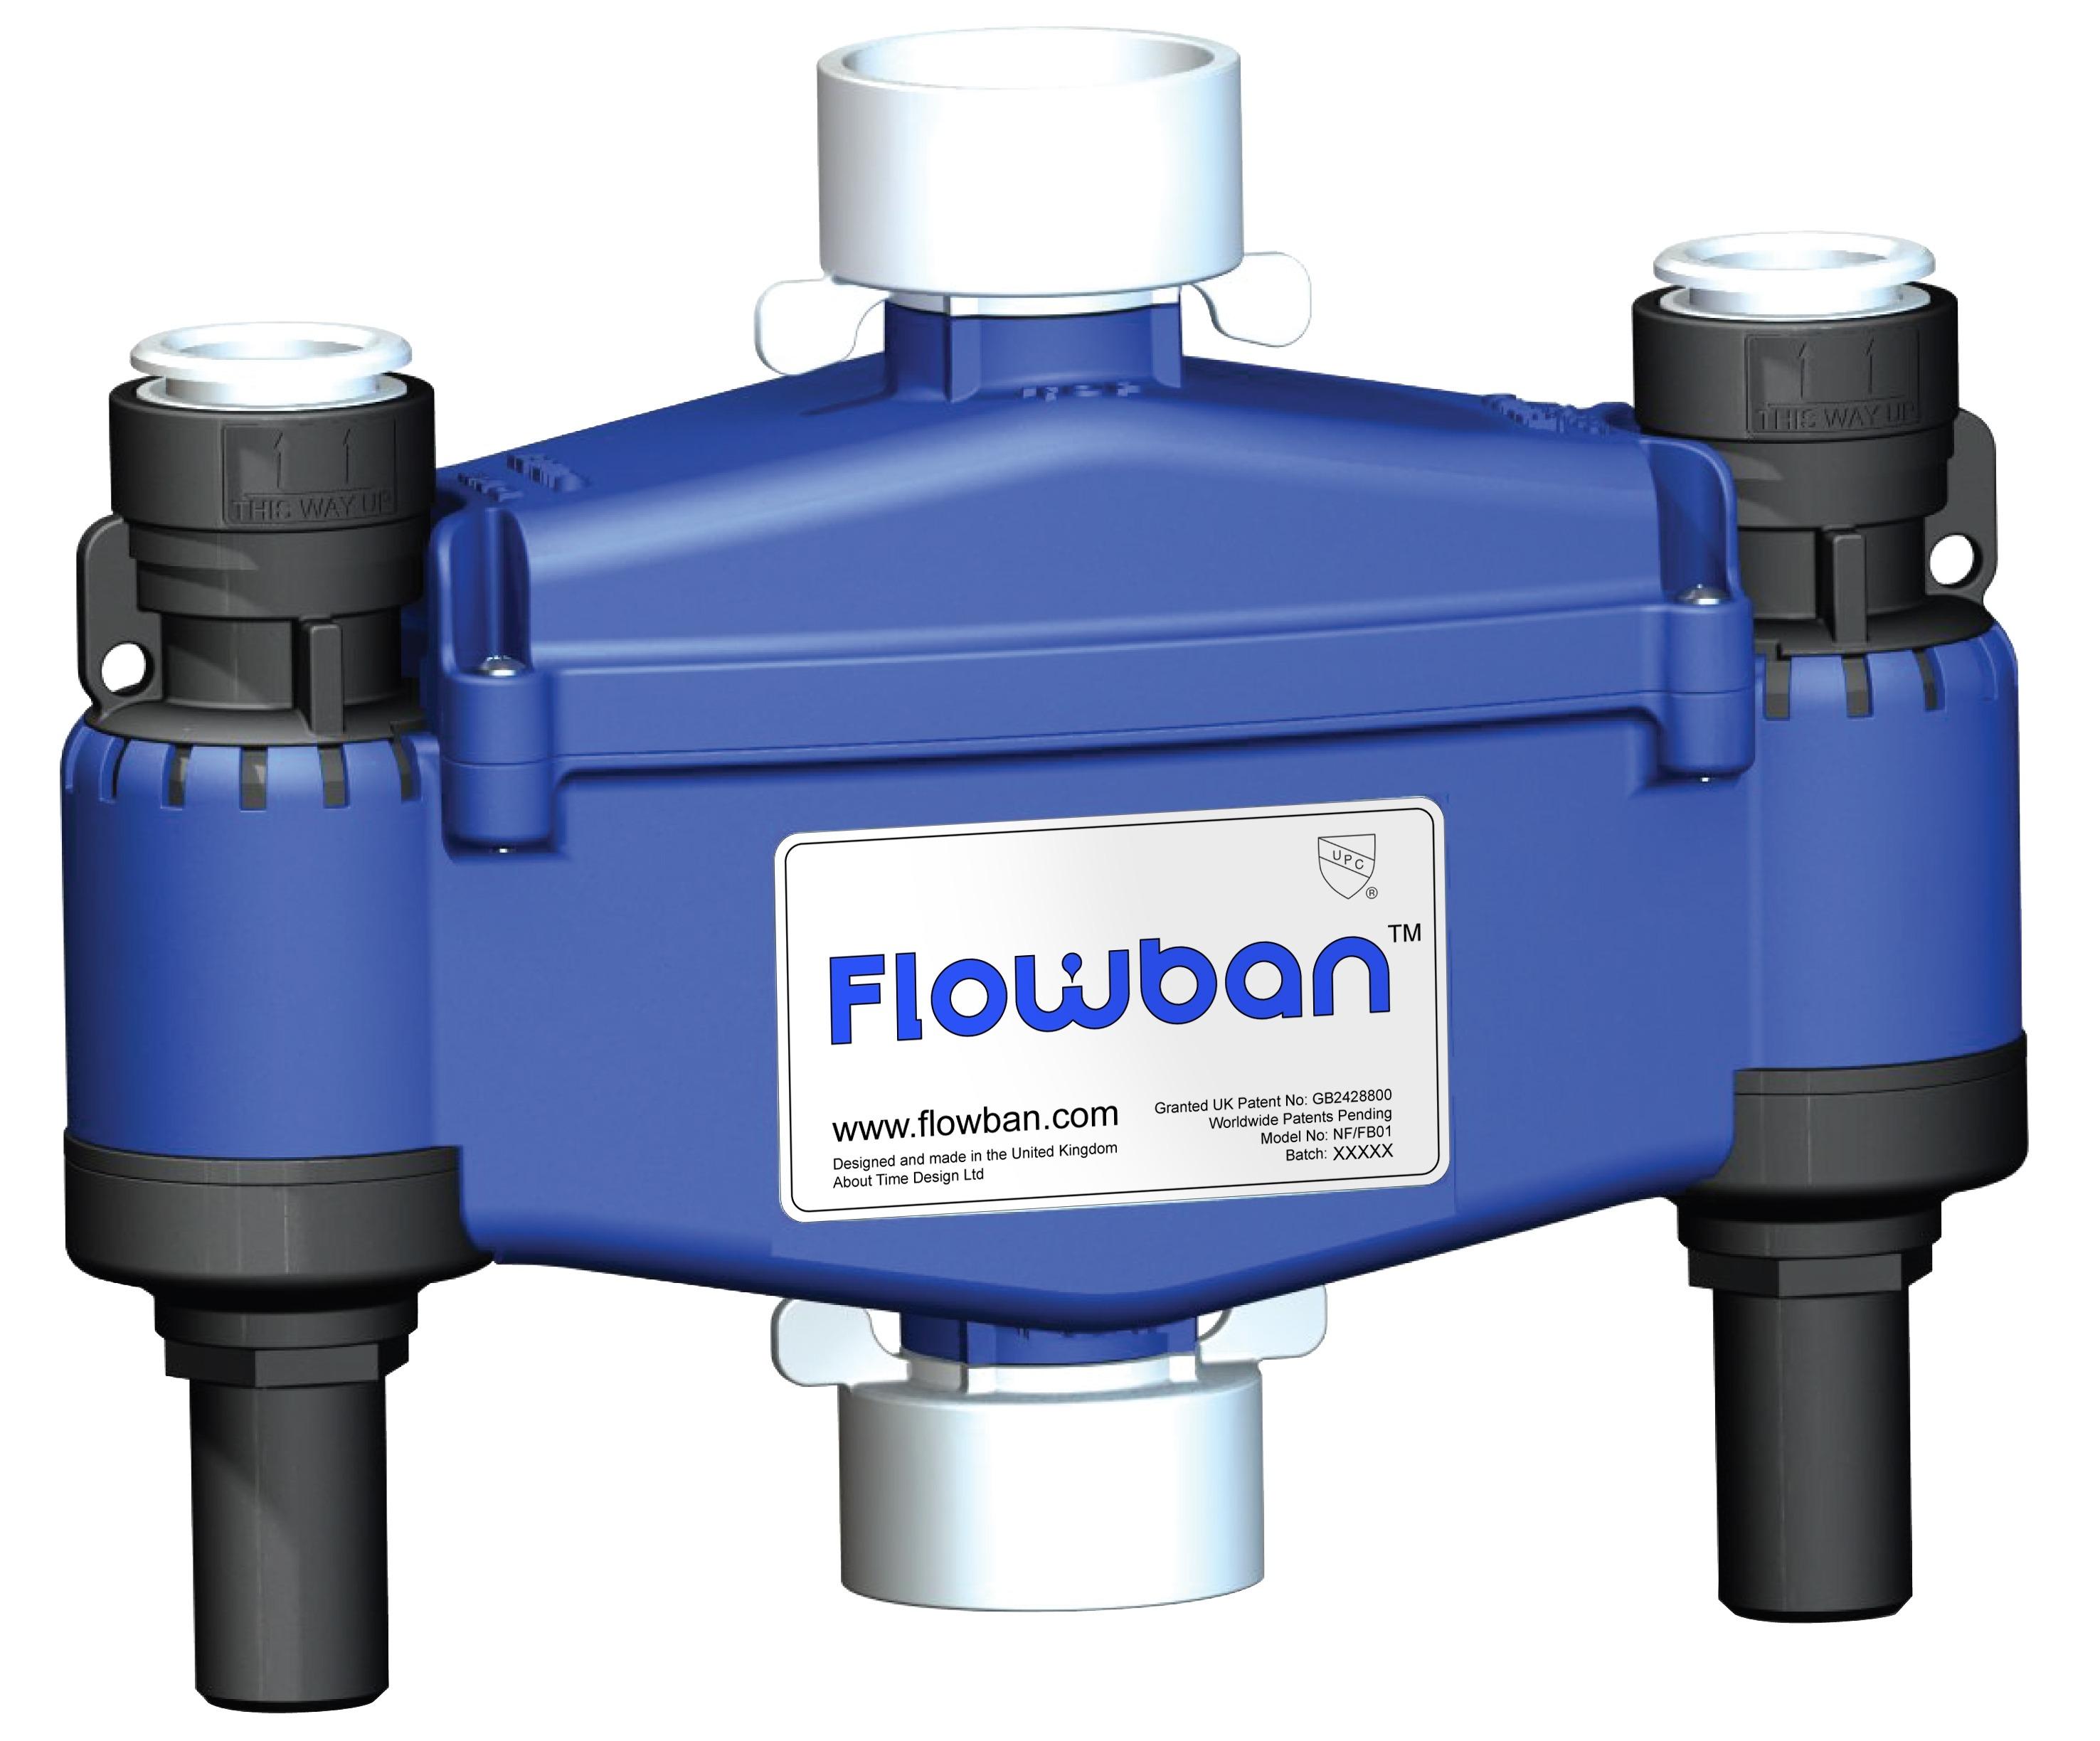 Flowban Unit